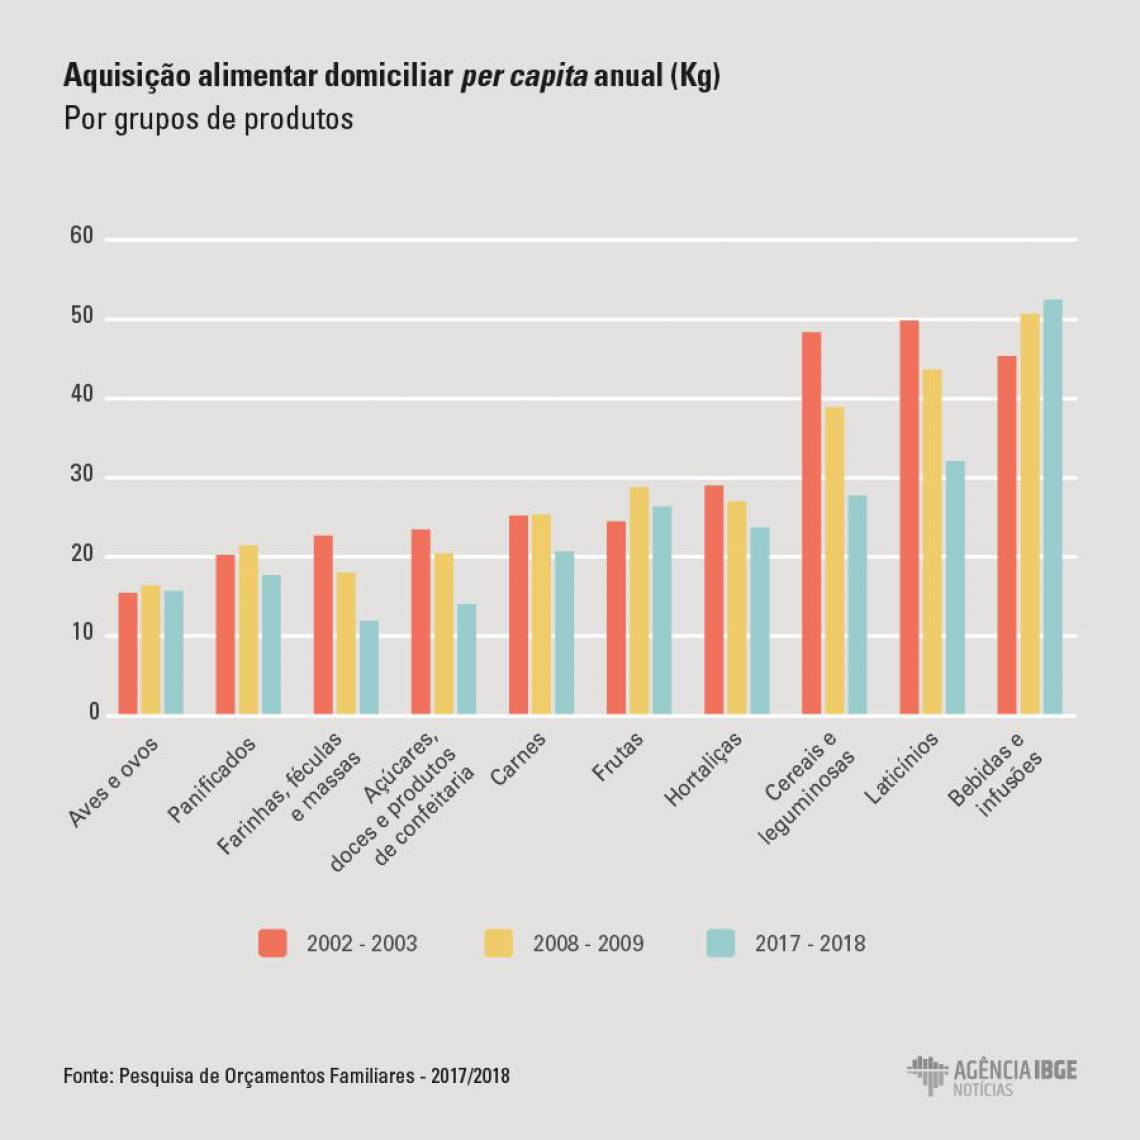 O Gráfico ilustra as diferenças de alguns grandes grupos, para o total Ceará, entre as POFs 2002-2003, 2008-2009 e 2017-2018. Segundo análise do IBGE, com exceção do grupo Aves e ovos, em todos os grupos selecionados houve queda das quantidades médias per capita adquiridas entre as edições 2008-2009 e 2017-2018